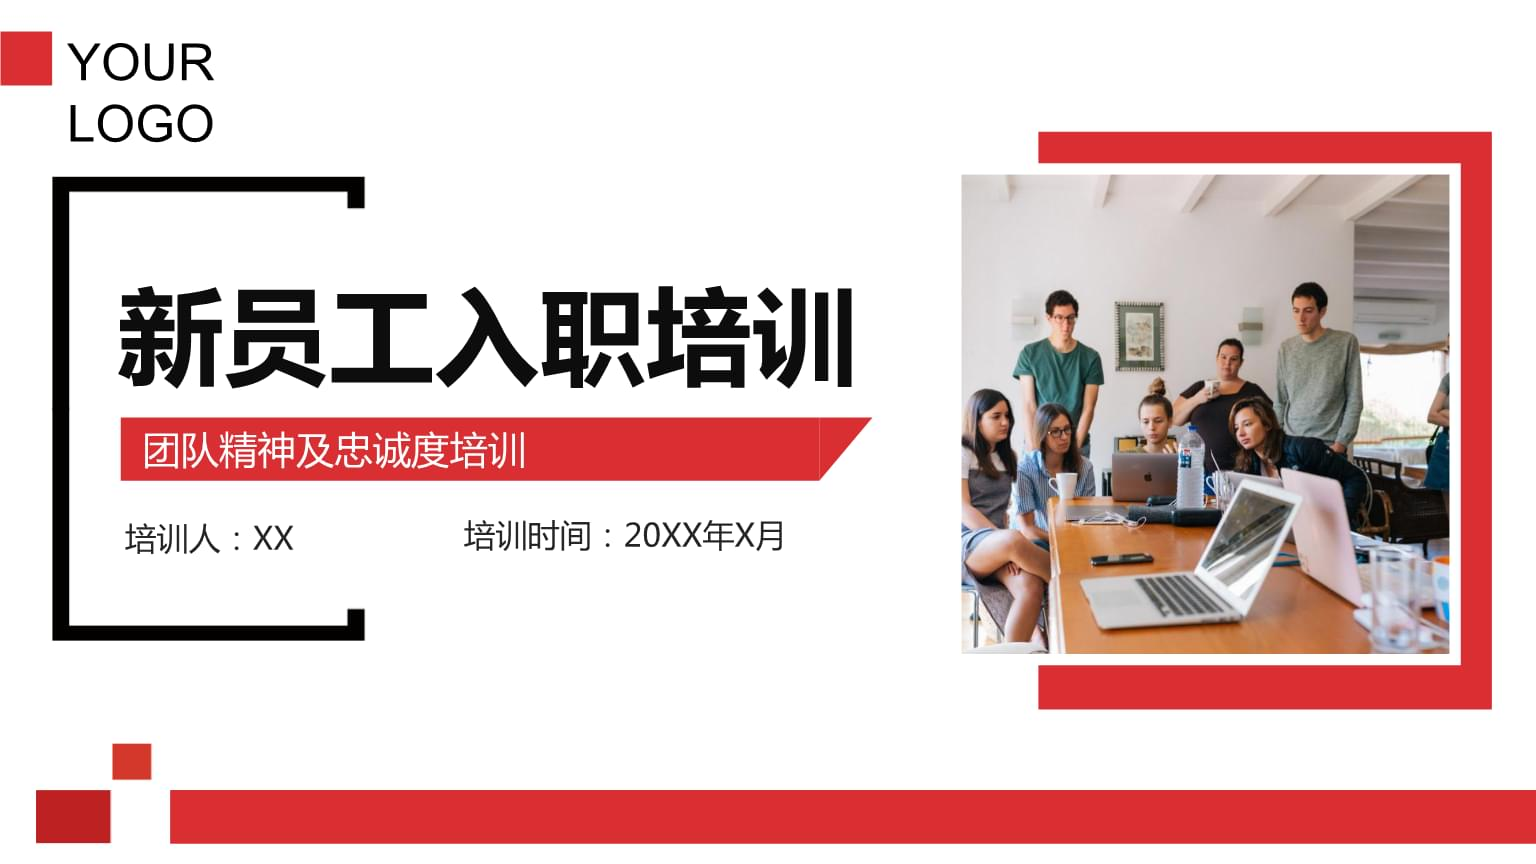 2020年新员工团队精神及忠诚度培训课件ppt.pptx